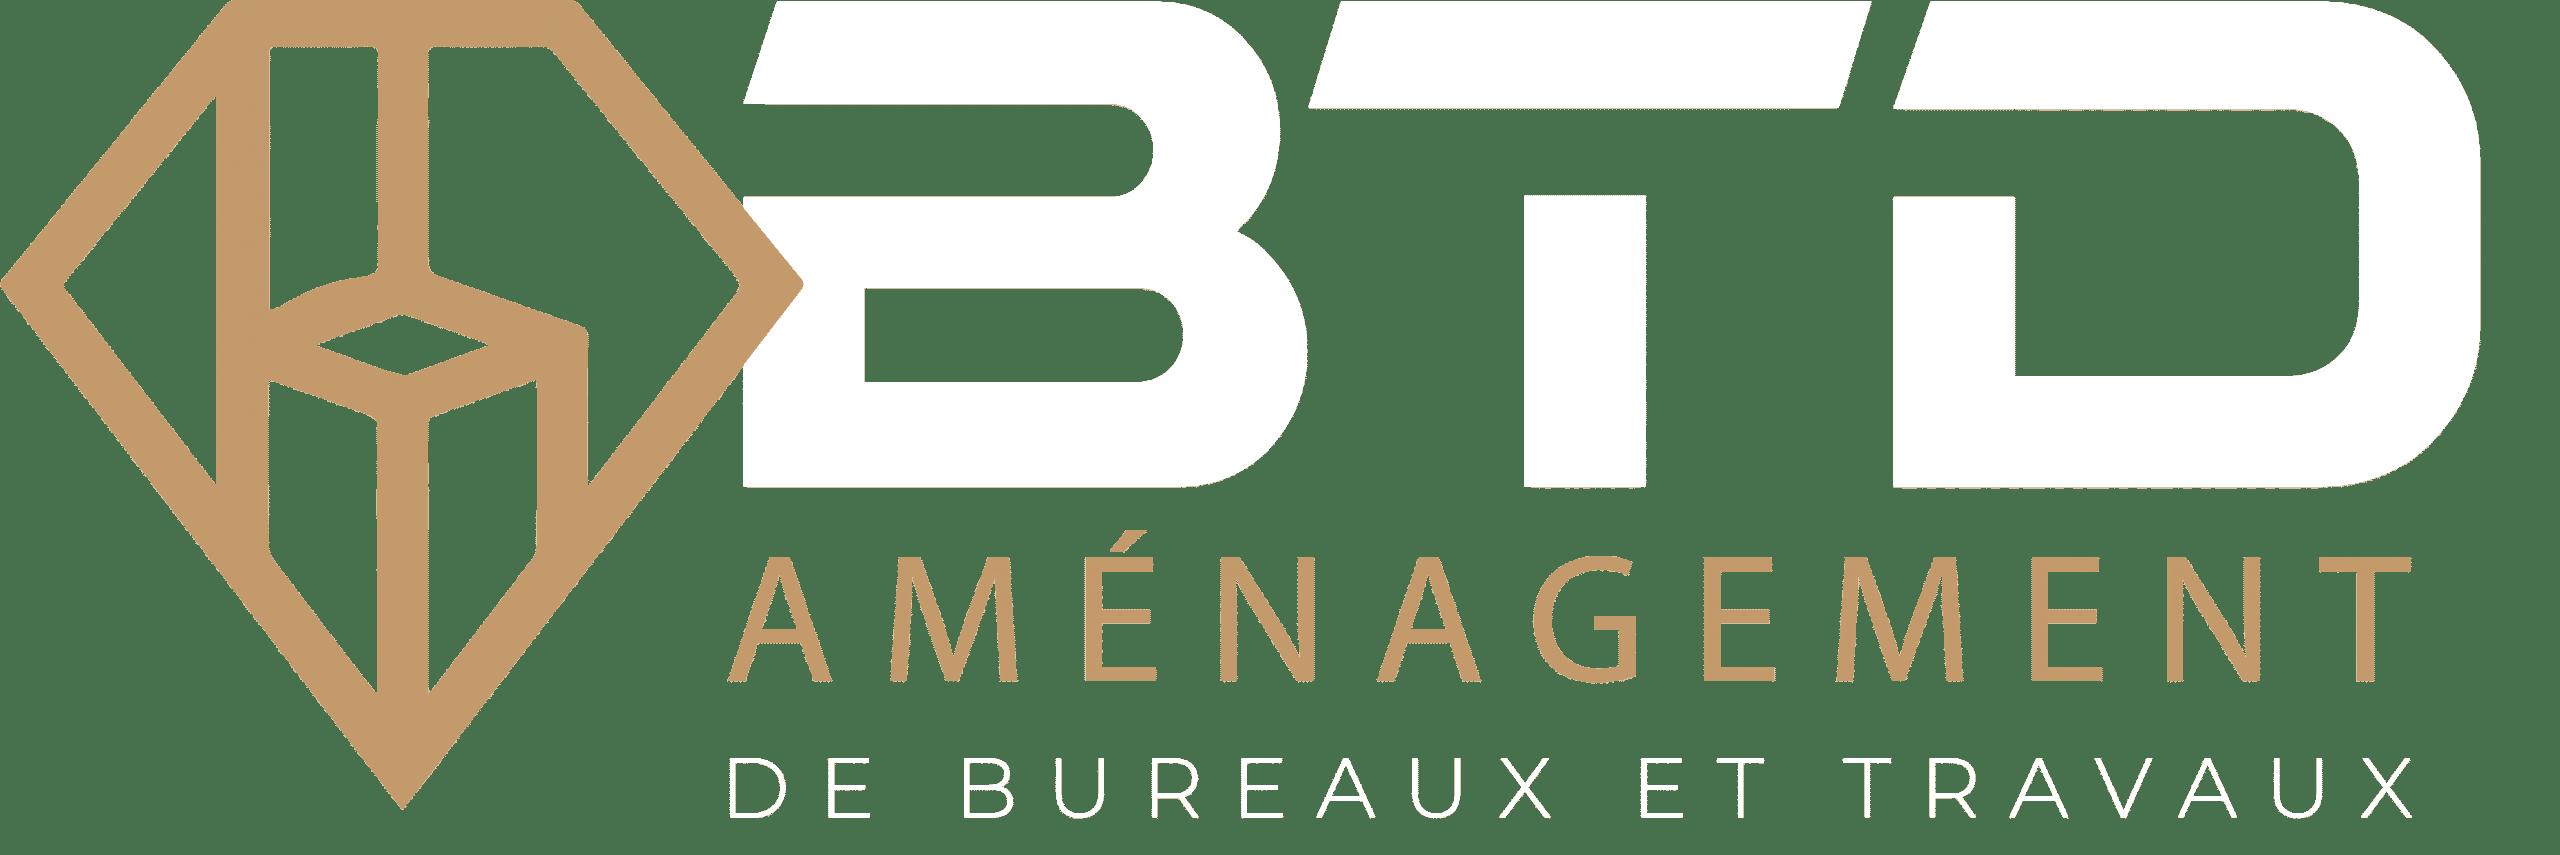 BTD Aménagement